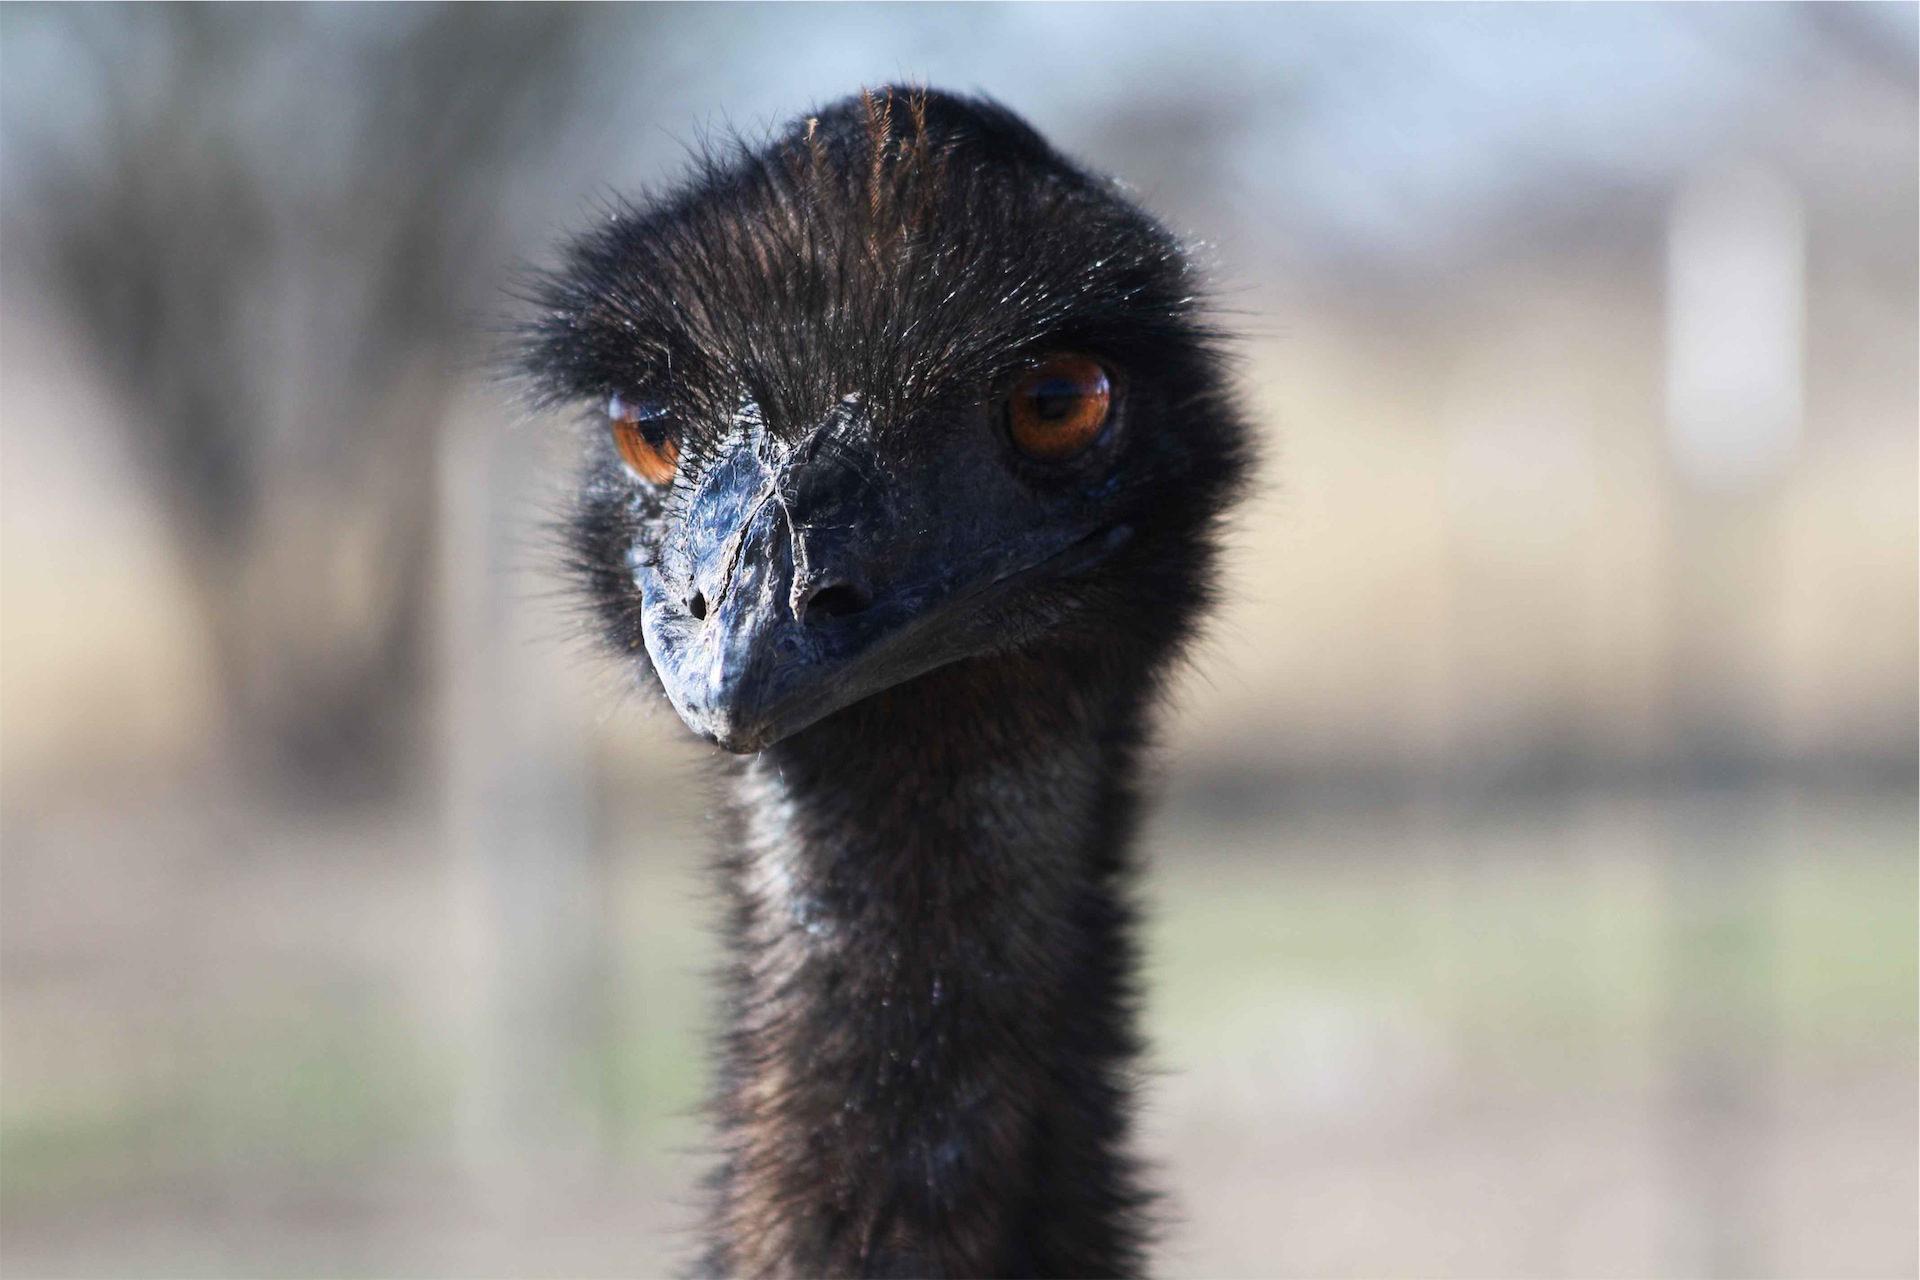 avestruz, Selvagem, Ave, cabeça, pico - Papéis de parede HD - Professor-falken.com